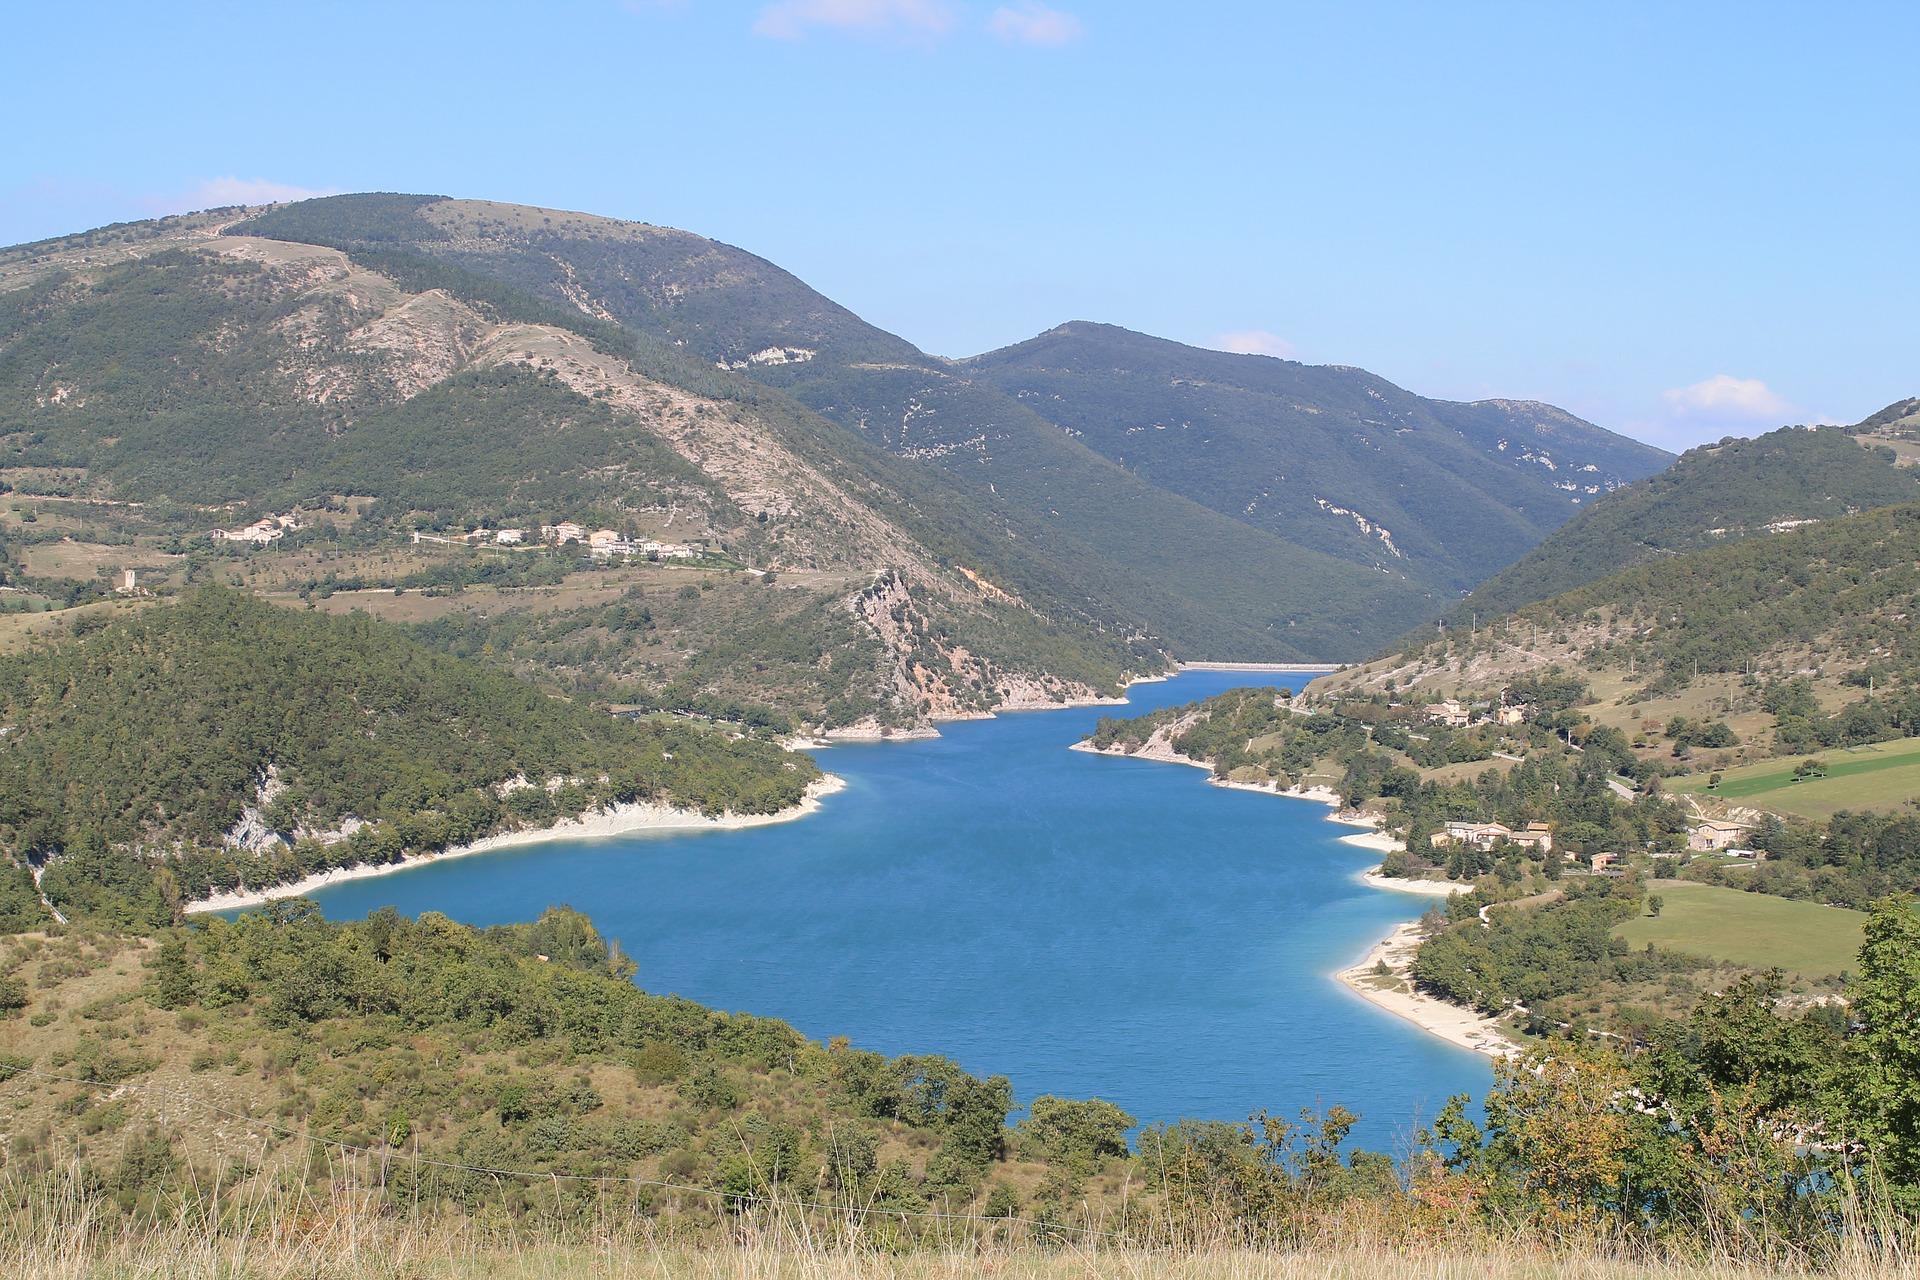 lago di fiastra dove si trova